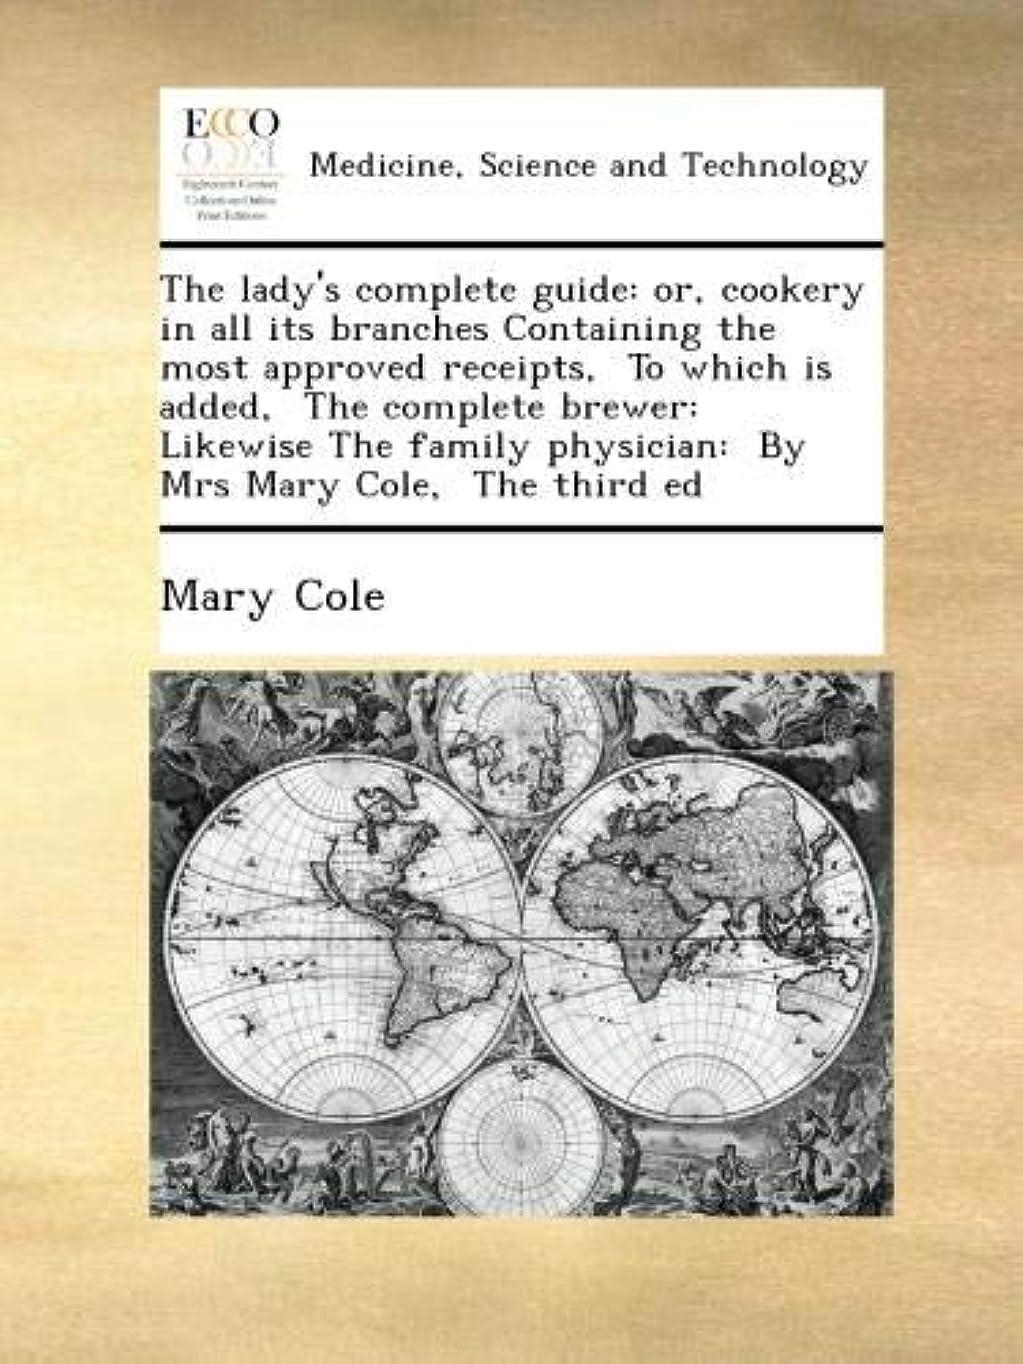 長椅子正しい数学者The lady's complete guide: or, cookery in all its branches Containing the most approved receipts,  To which is added,  The complete brewer:  Likewise The family physician:  By Mrs Mary Cole,  The third ed